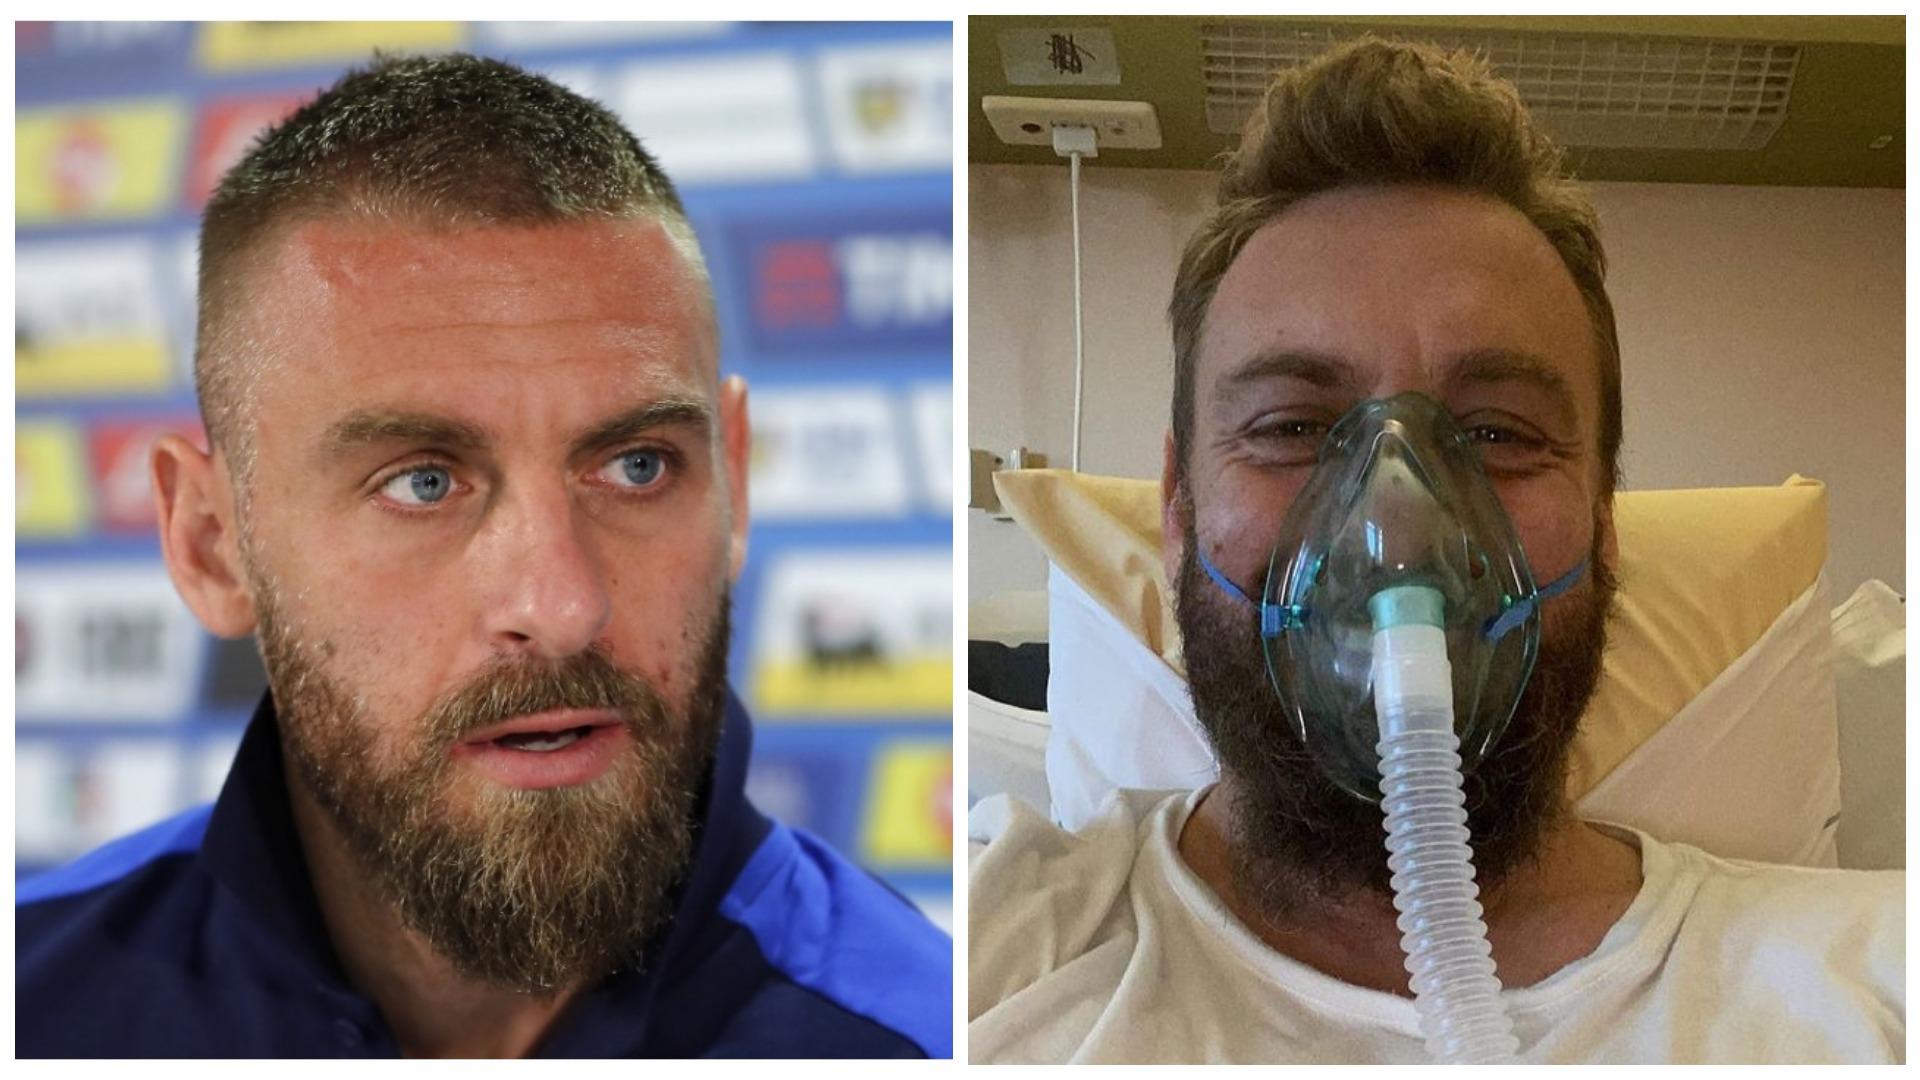 U shtrua në spital prej Covid-19, De Rossi: Rrezik i madh nëse nuk vija në kohë